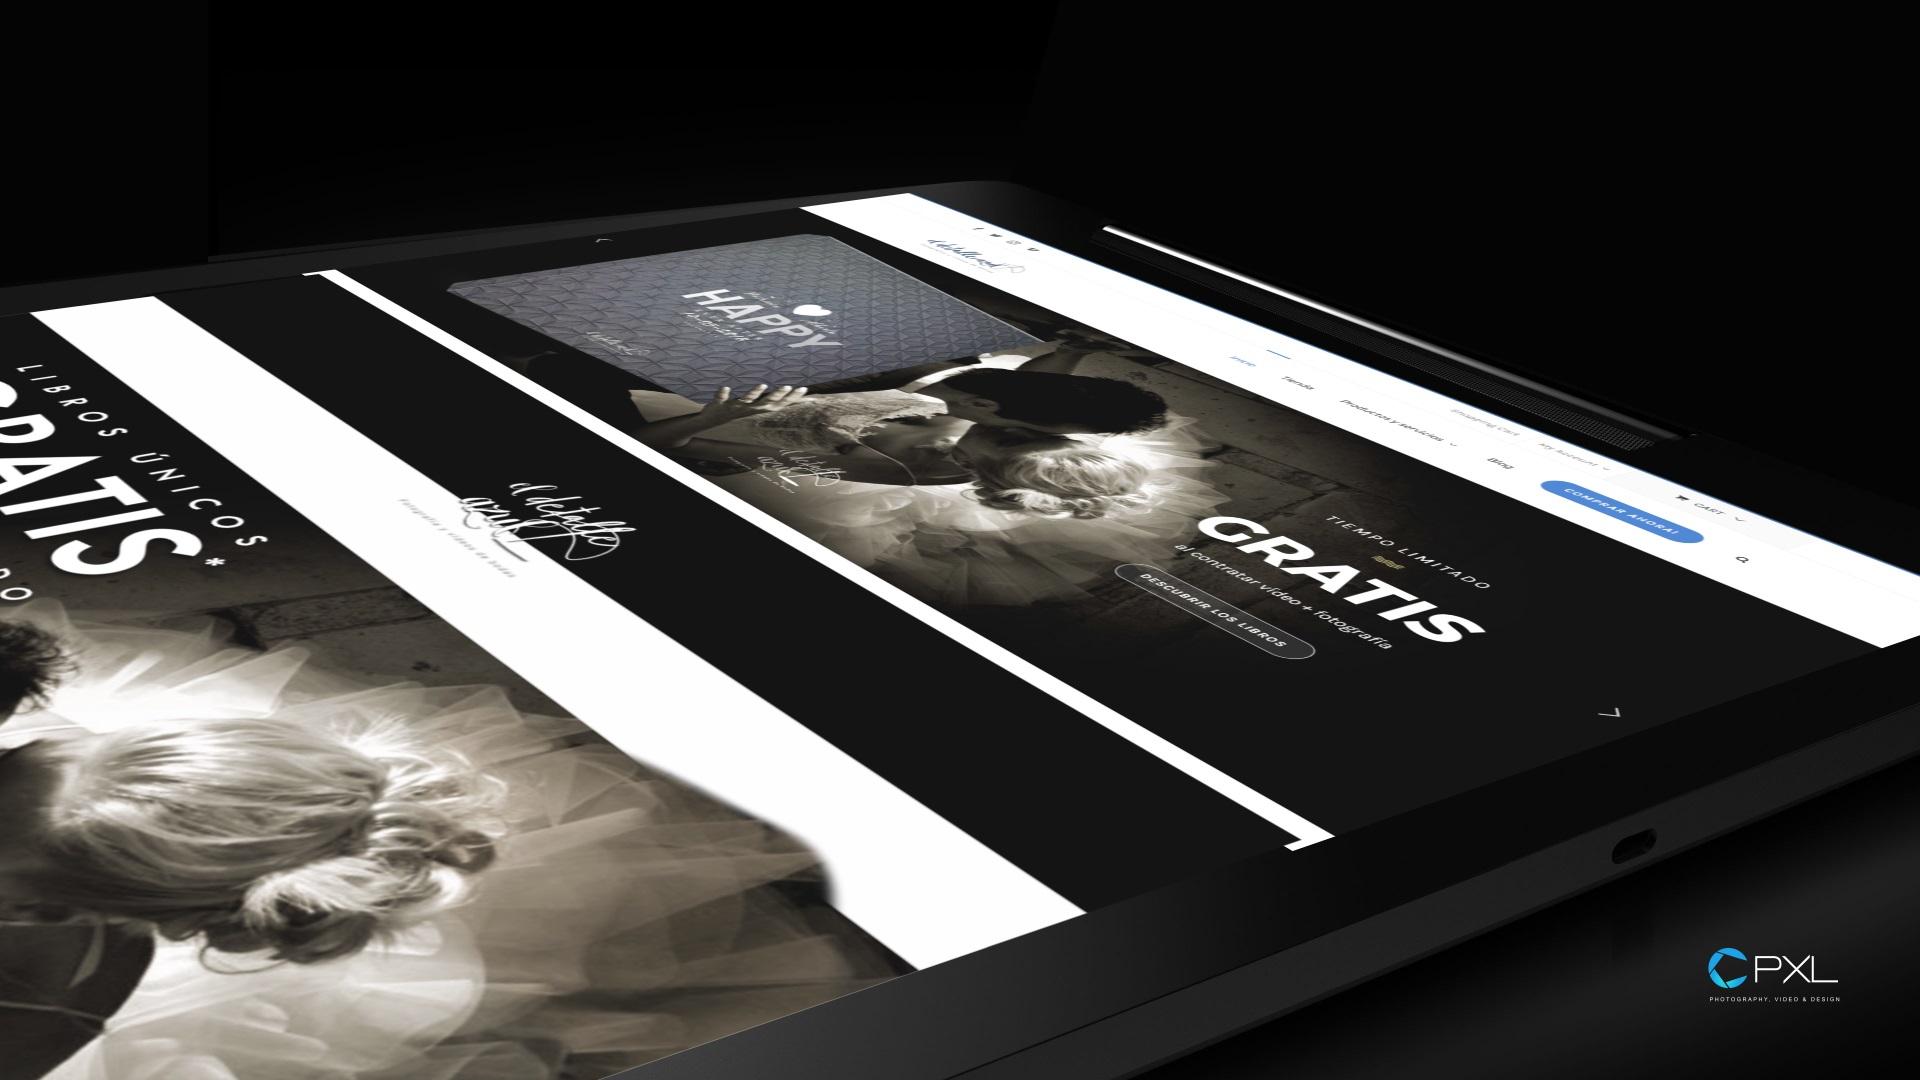 https://perfectpixel.es/wp-content/uploads/2017/05/Fotografia-y-videos-de-bodas-libros-unicos-el-detalle-azul-Dise%C3%B1o-P%C3%A1gina-web-corporativa-Perfect-Pixel-Agencia-de-Publicidad-en-Madrid-Tablet.jpg